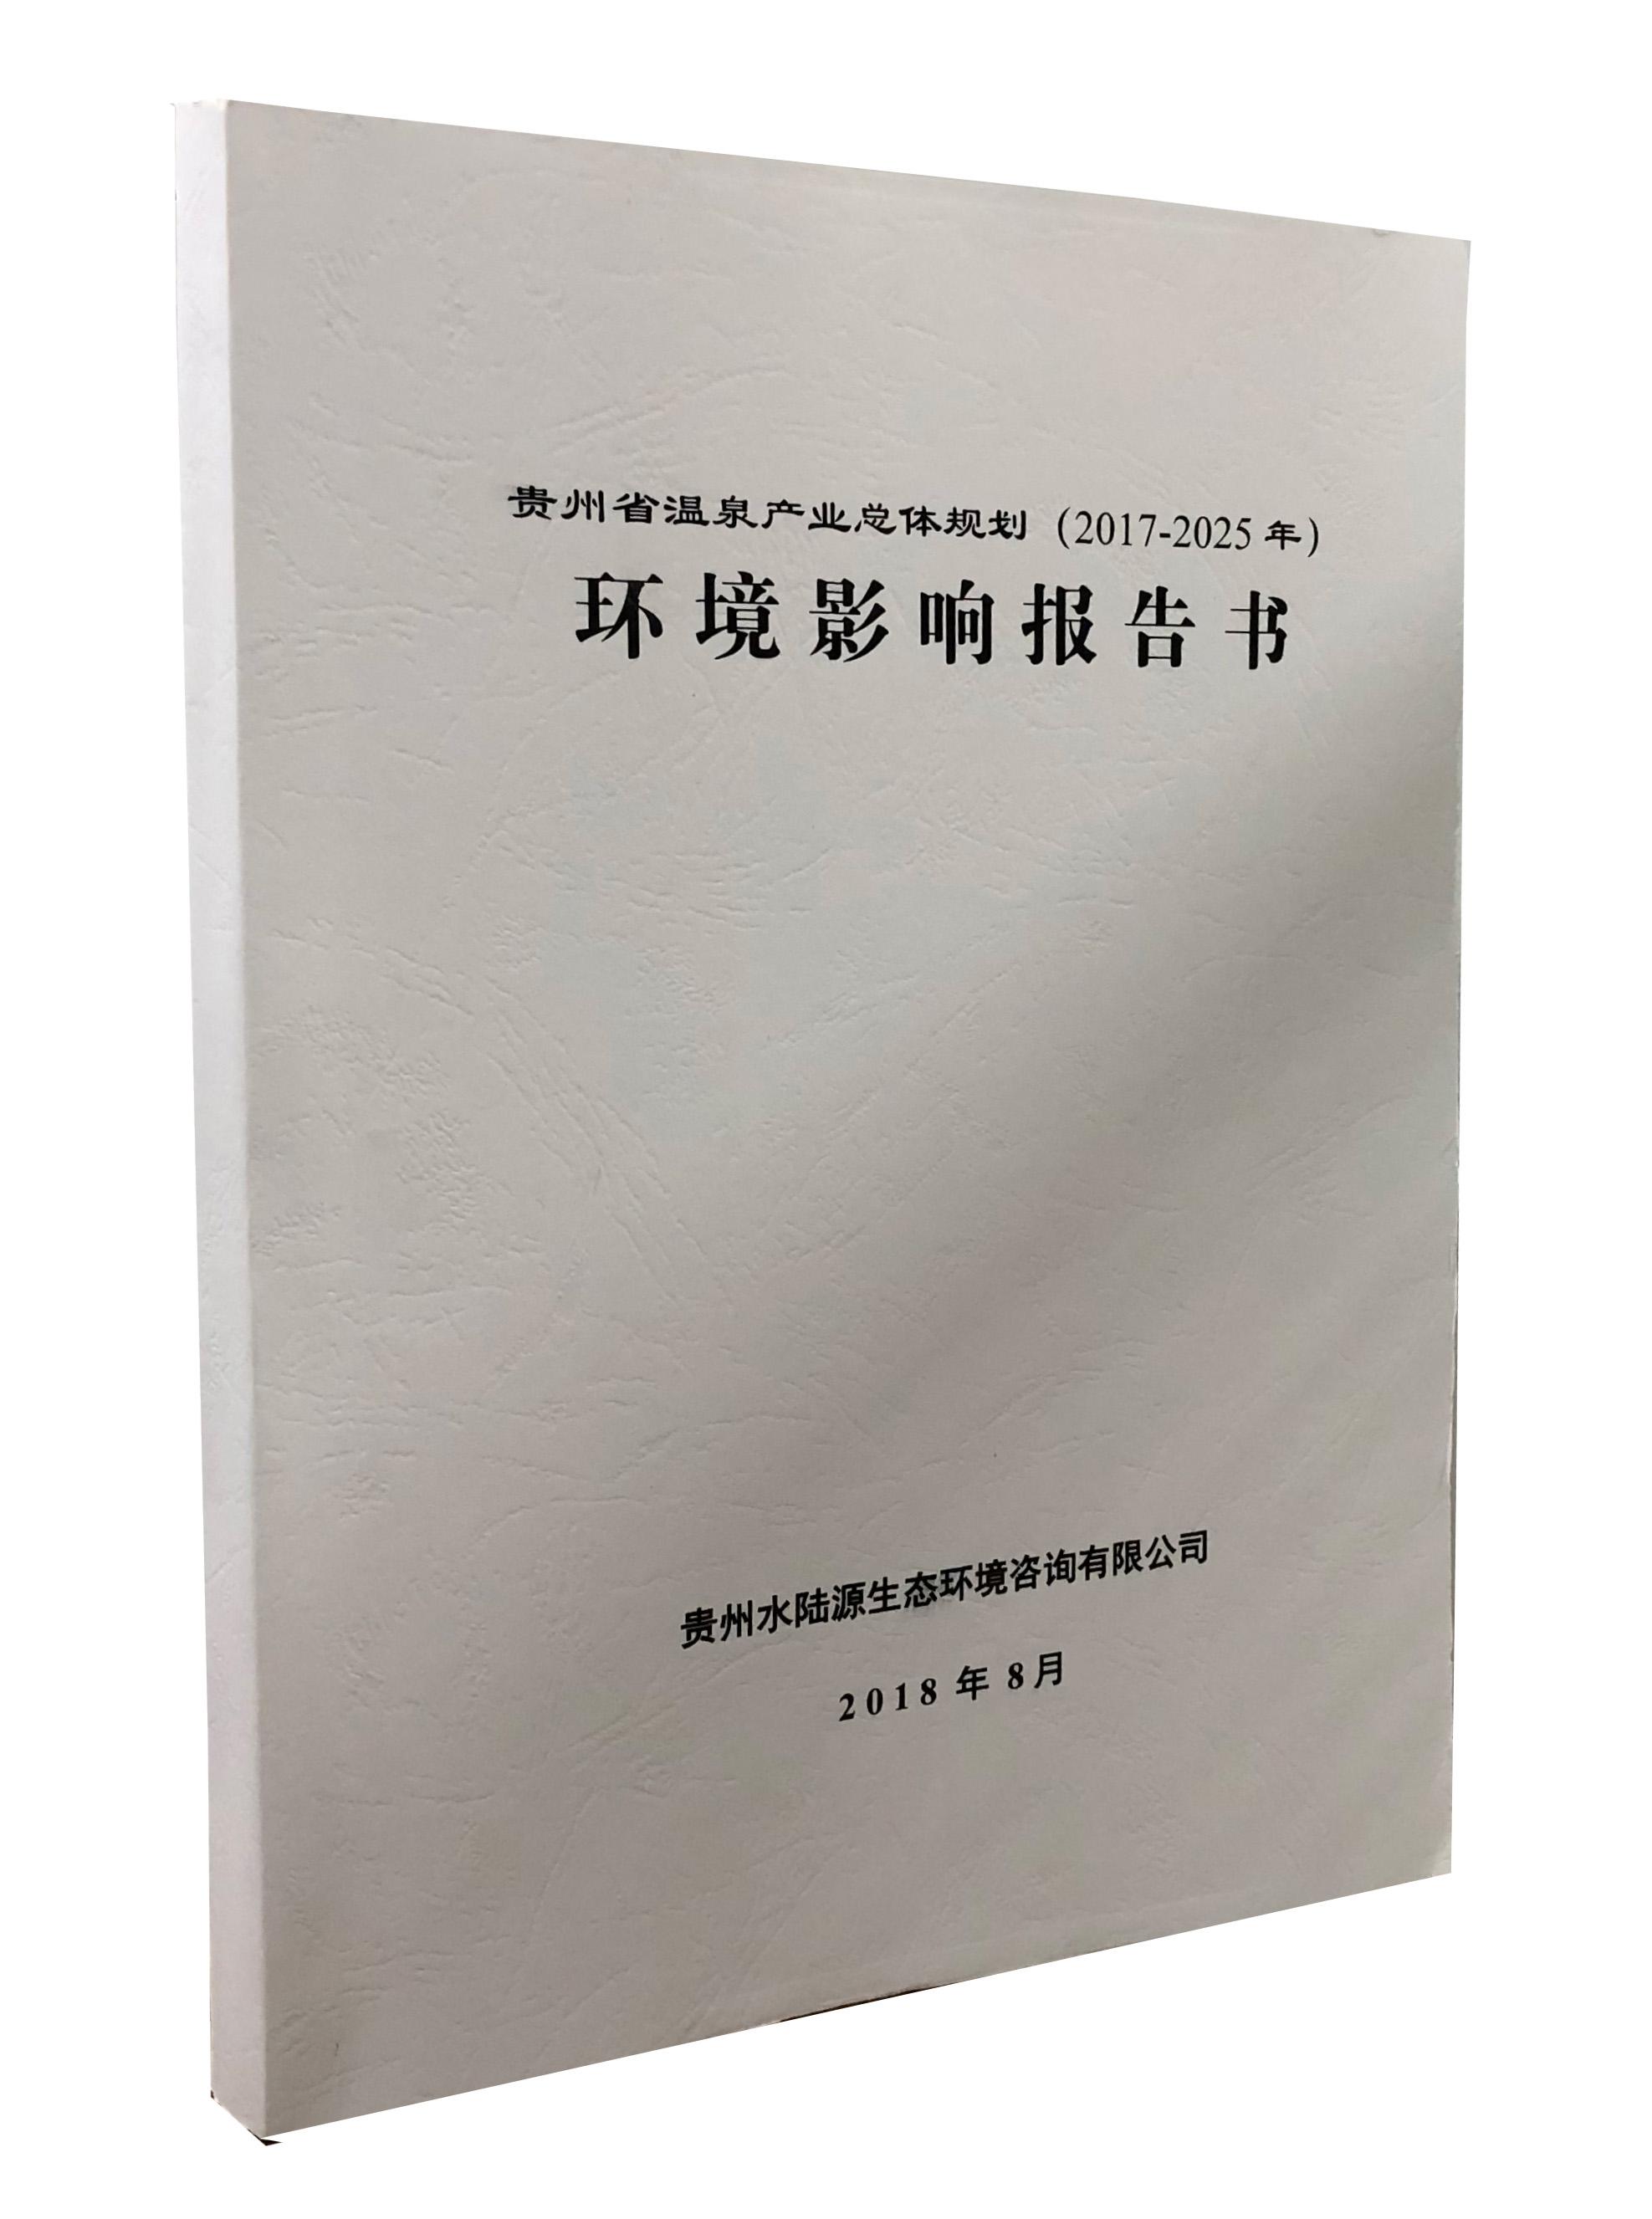 贵州省温泉产业总体规划(2017-2025年)环境影响报告书